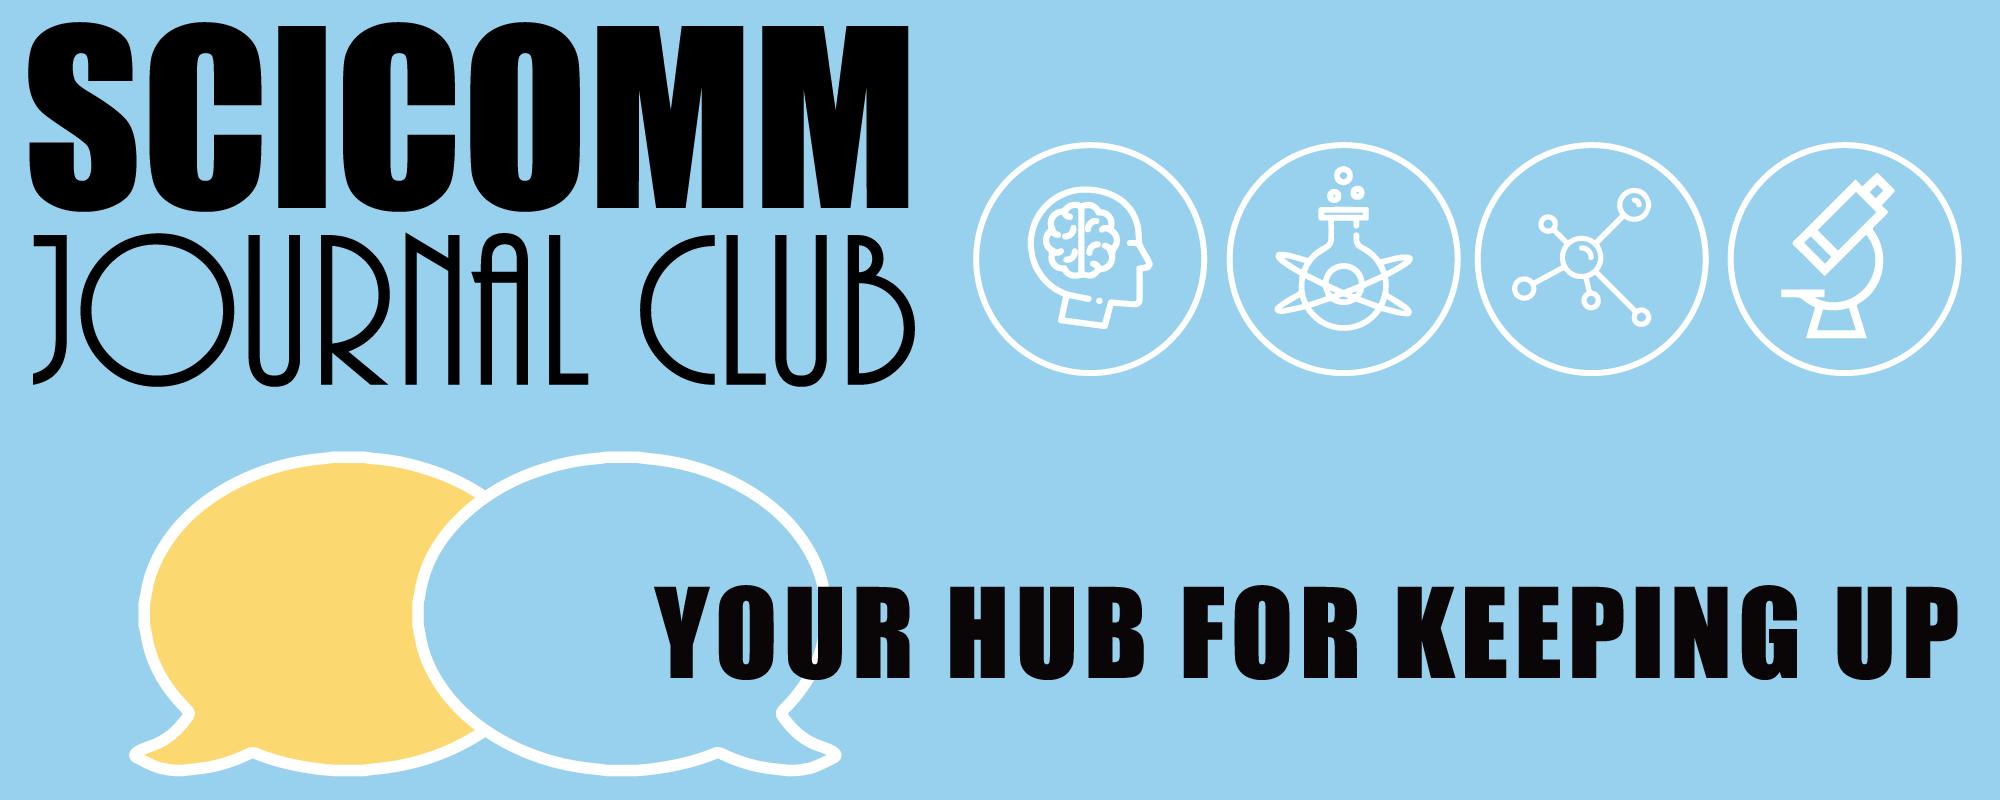 Journal Club & Sinh hoạt học thuật